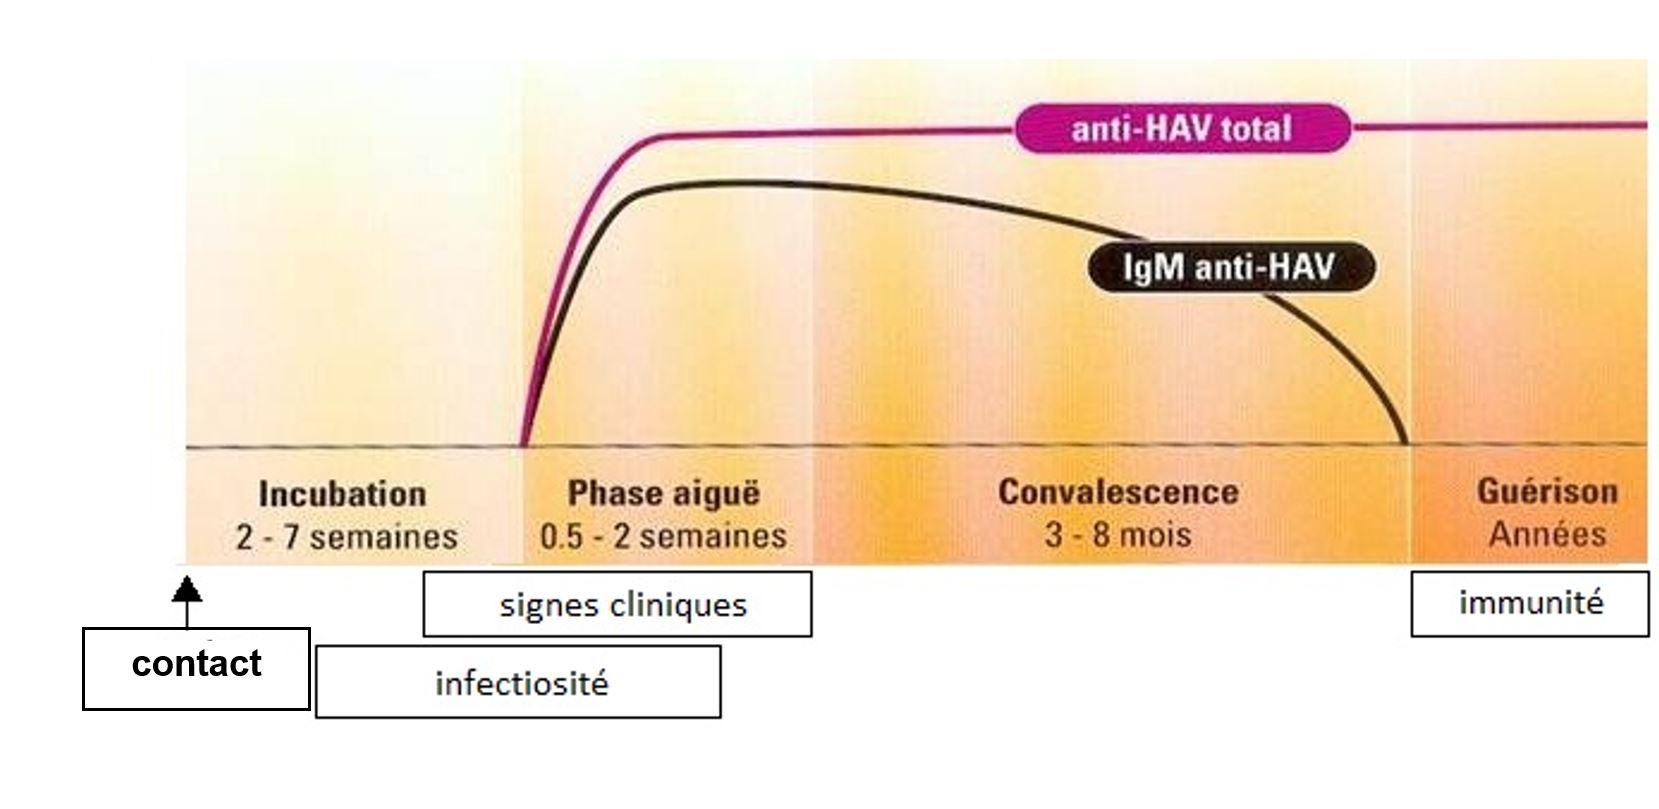 VIDAS® Hépatite - Diagnostic Clinique | bioMérieux France